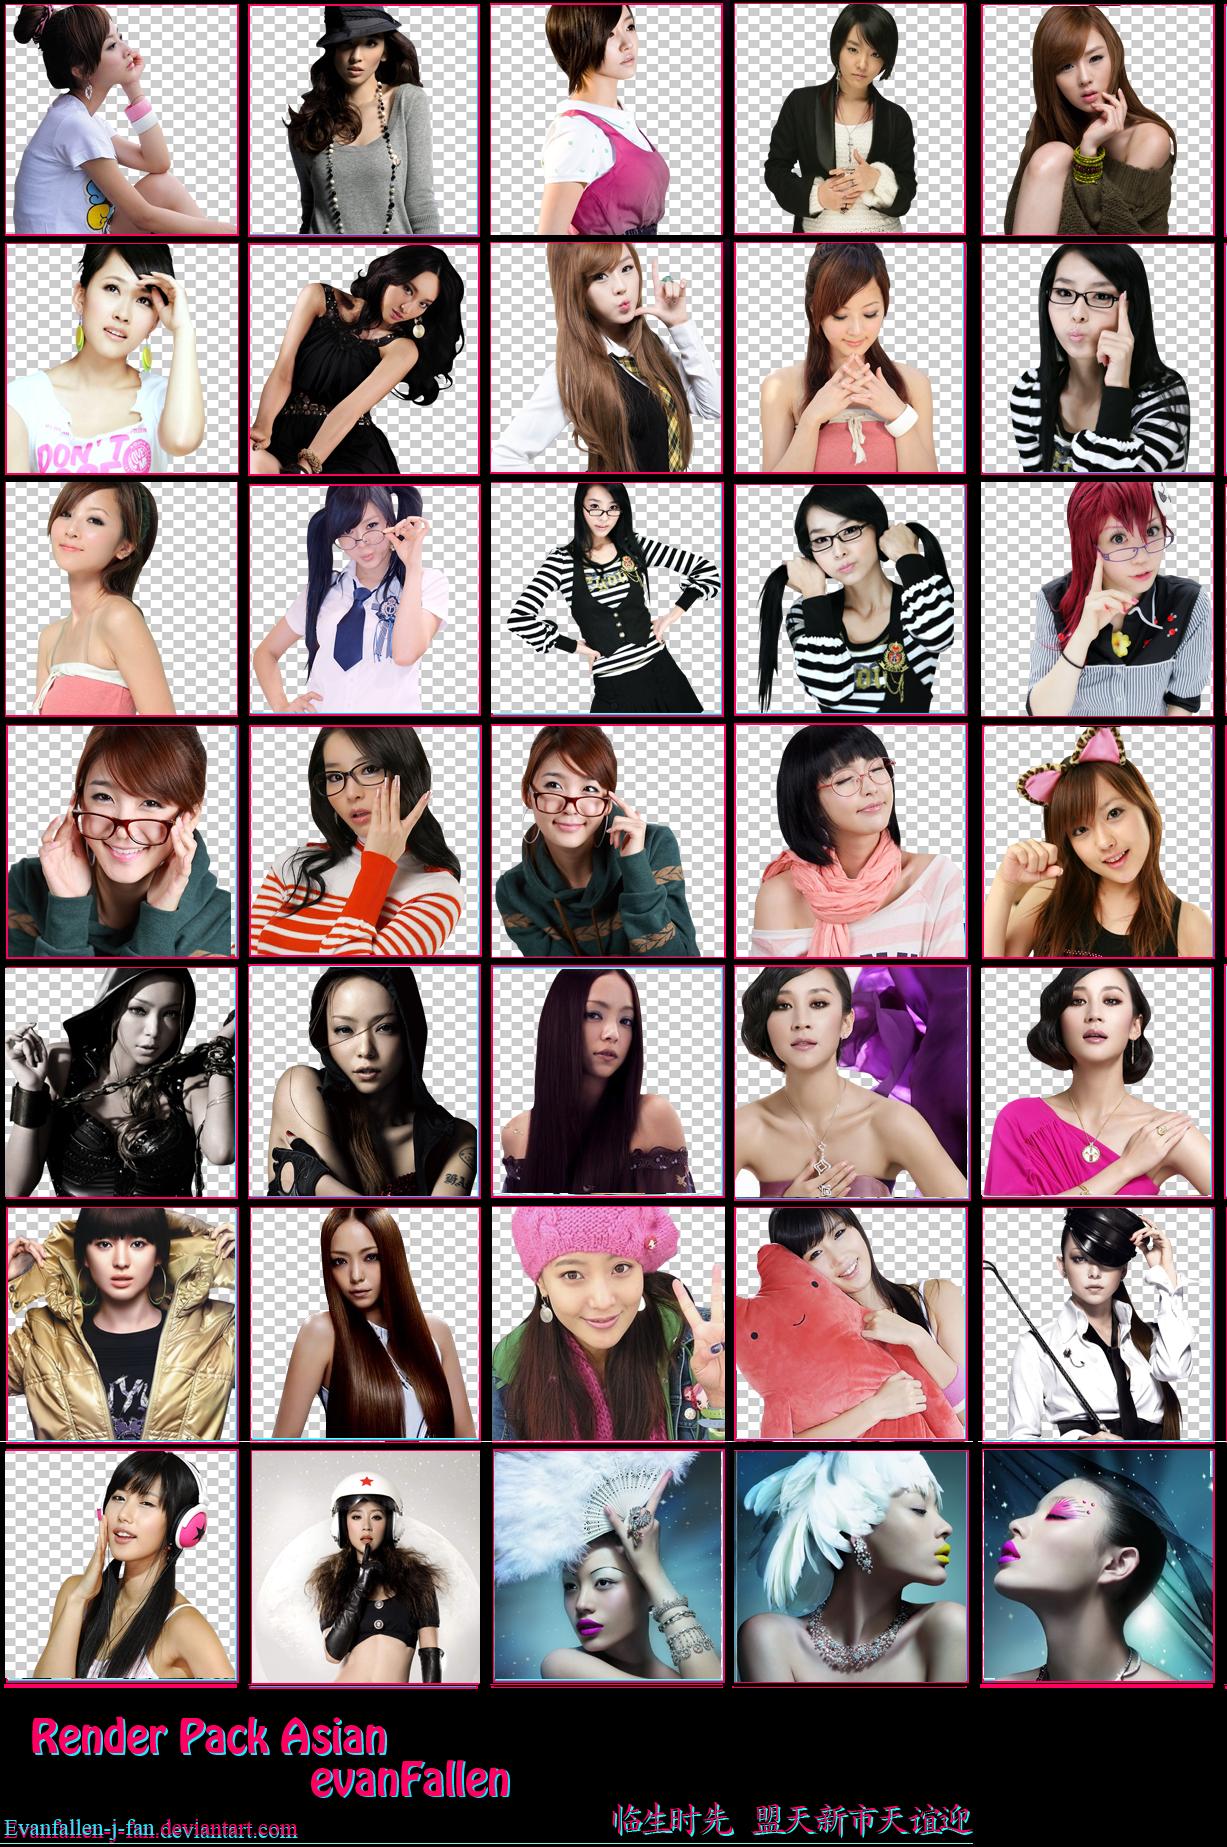 Women Asian Renders 2 36b7f8f6f9c385d8c265862ad61d282b